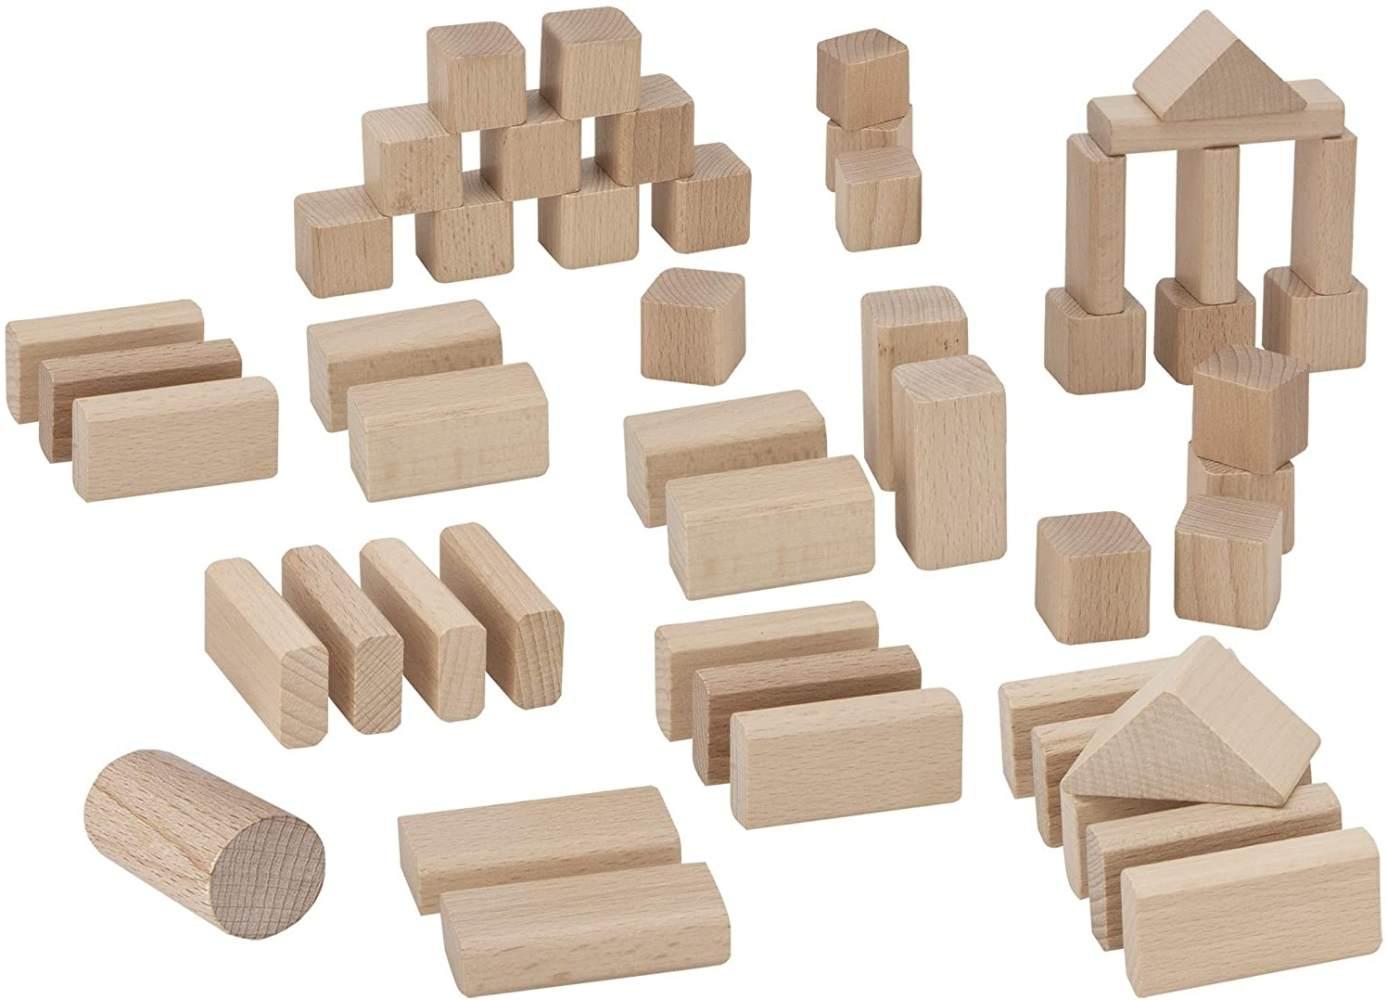 Eichhorn 50 naturfarbene Holzbausteine in Aufbewahrungsbox mit Sortierdeckel, FSC 100% zertifiziertes Buchenholz, hergestellt in Deutschland, Motorikspielzeug geeignet für Kinder ab 1 Jahr Bild 1